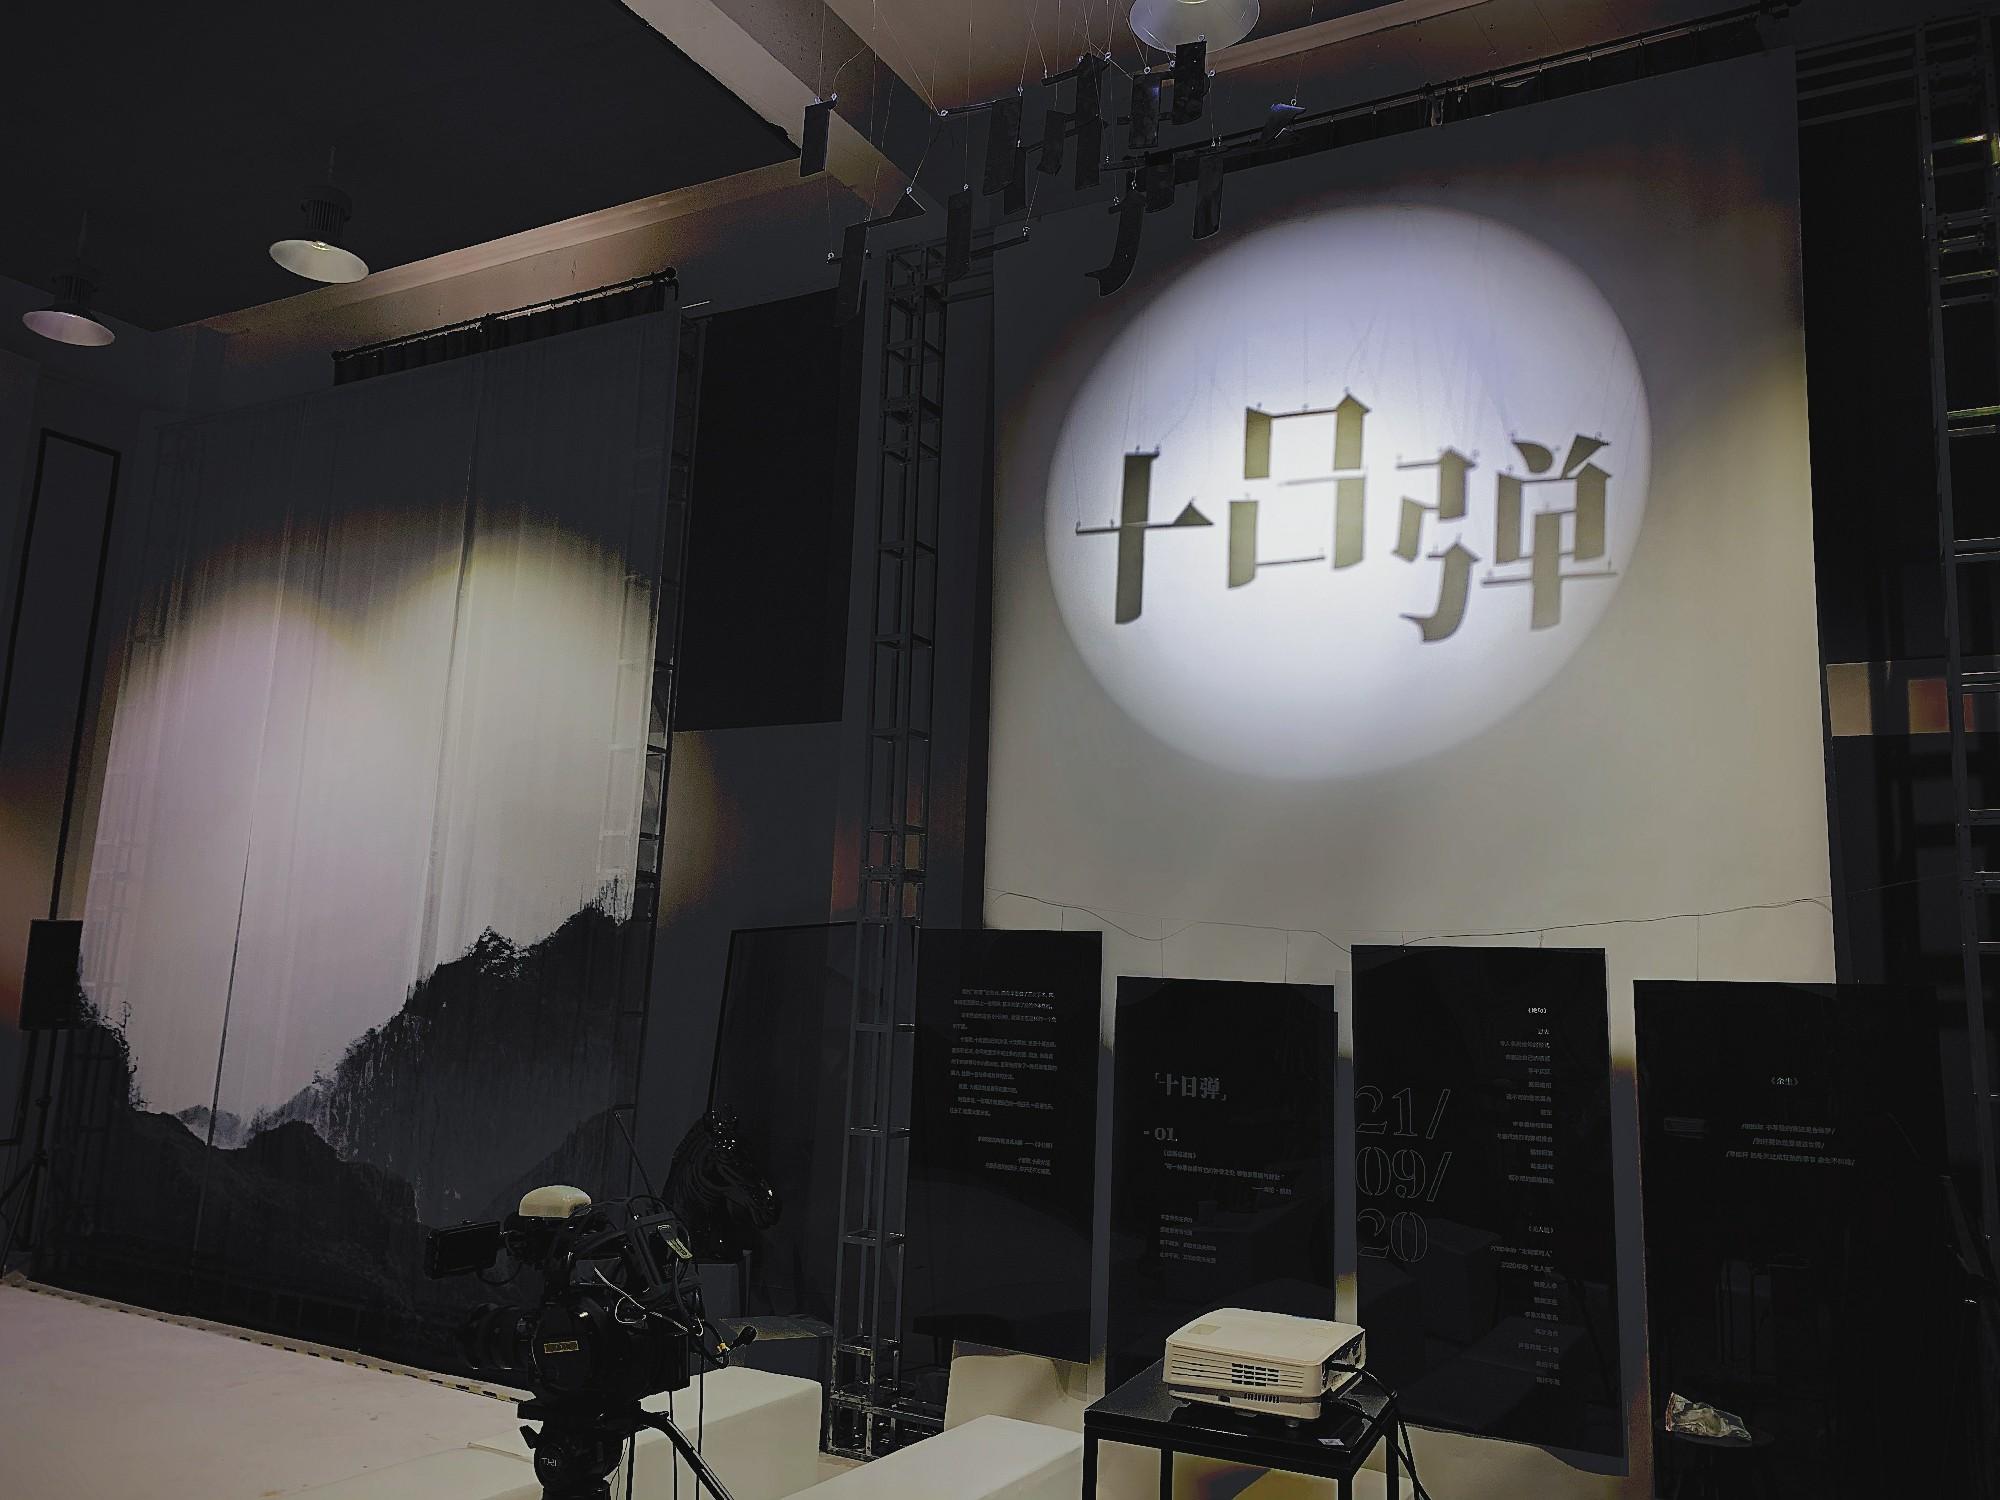 李泉全新创作专辑《十日弹》正式发行 潜入灵魂与音乐告解